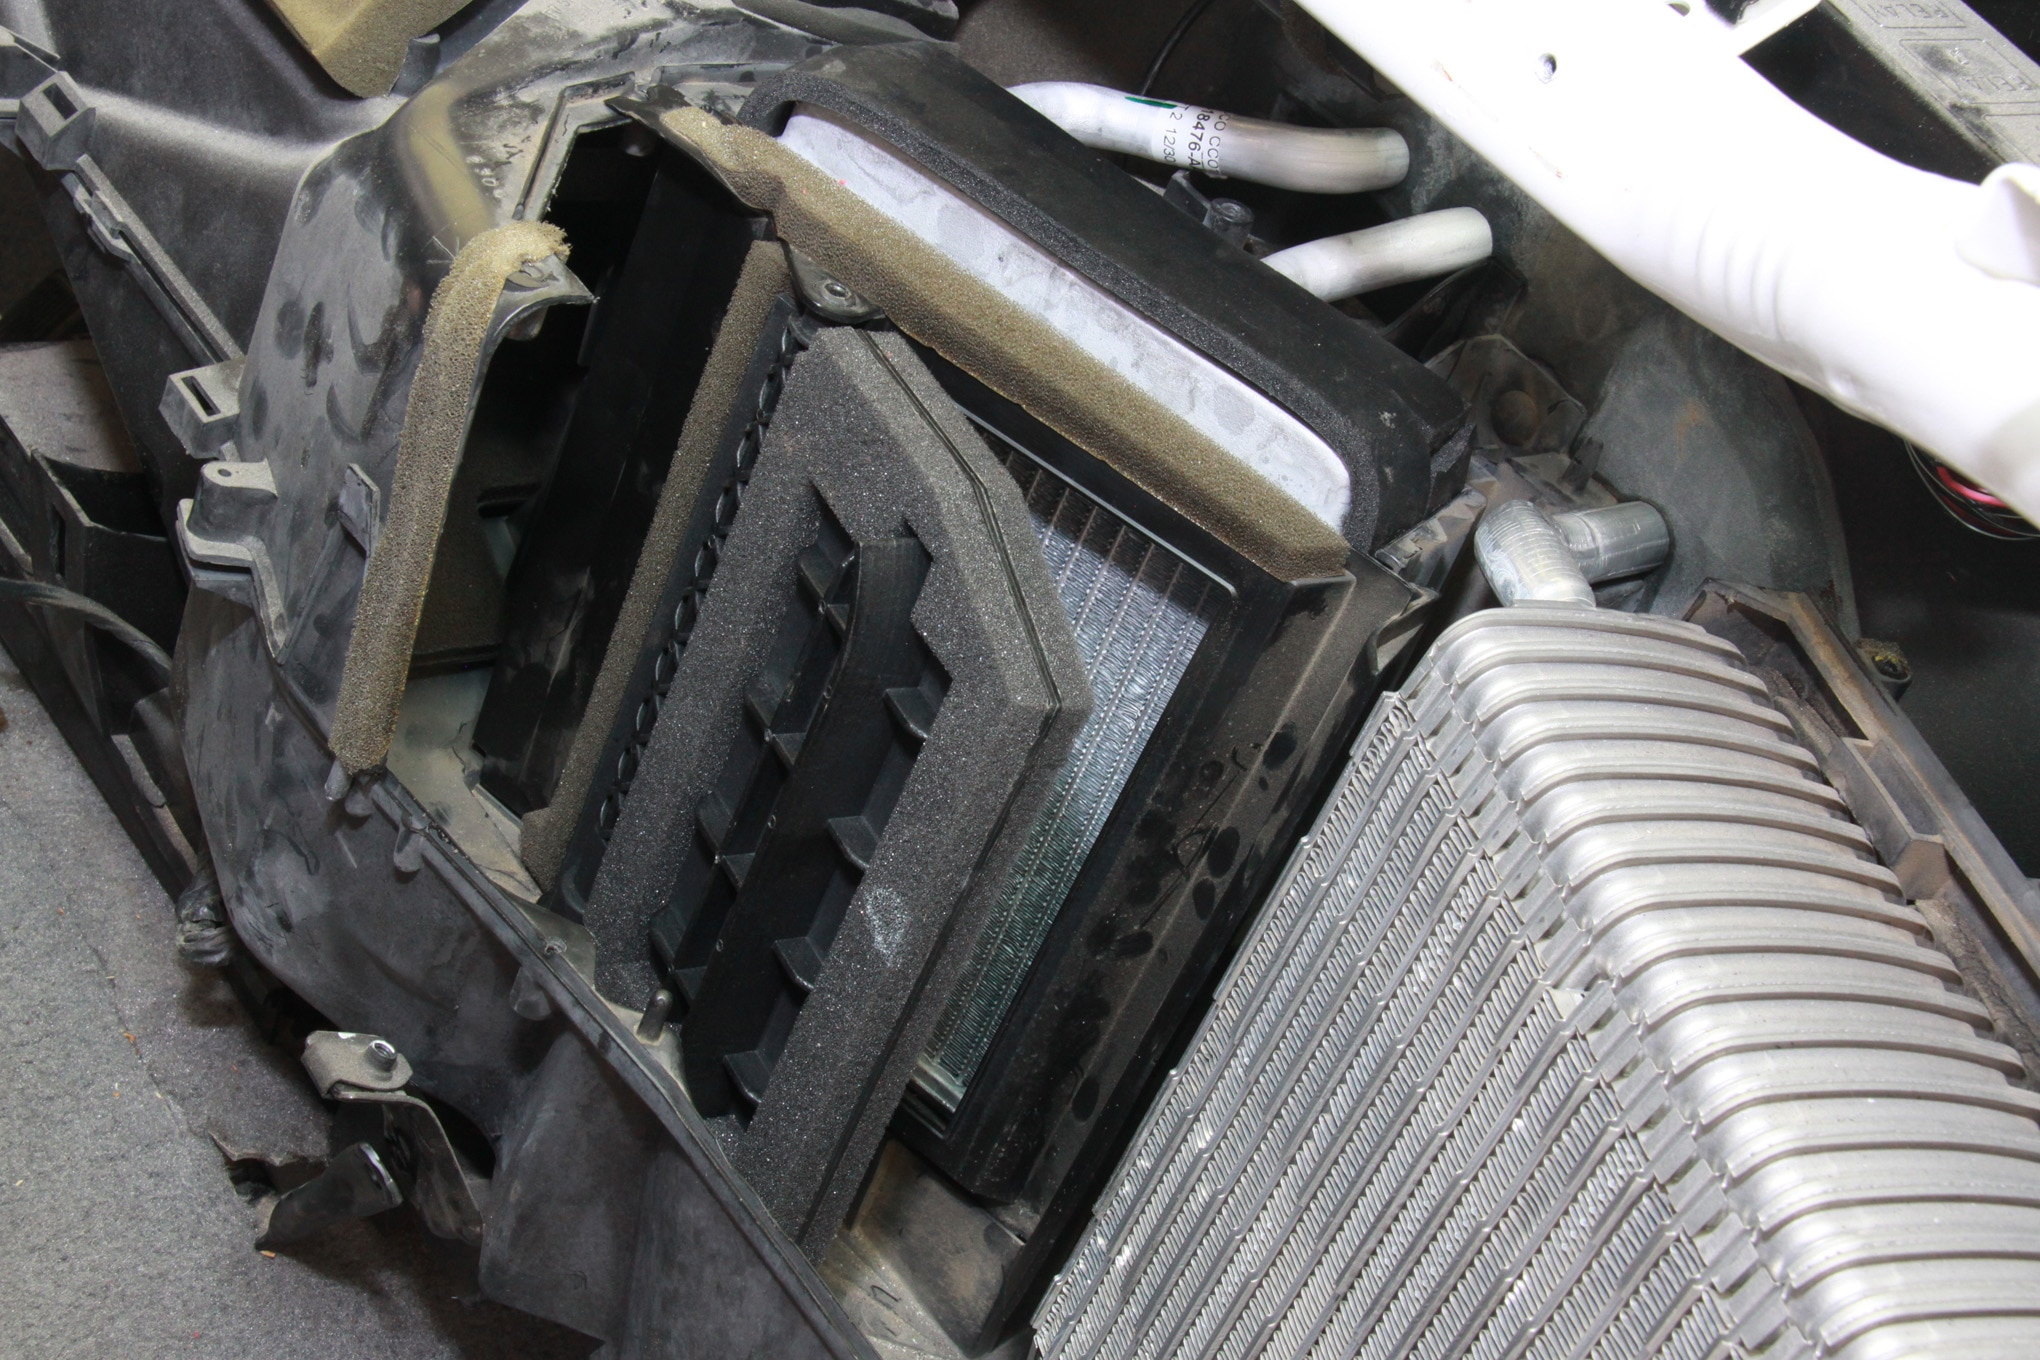 2001 Chevy Silverado Heater Core Diagram